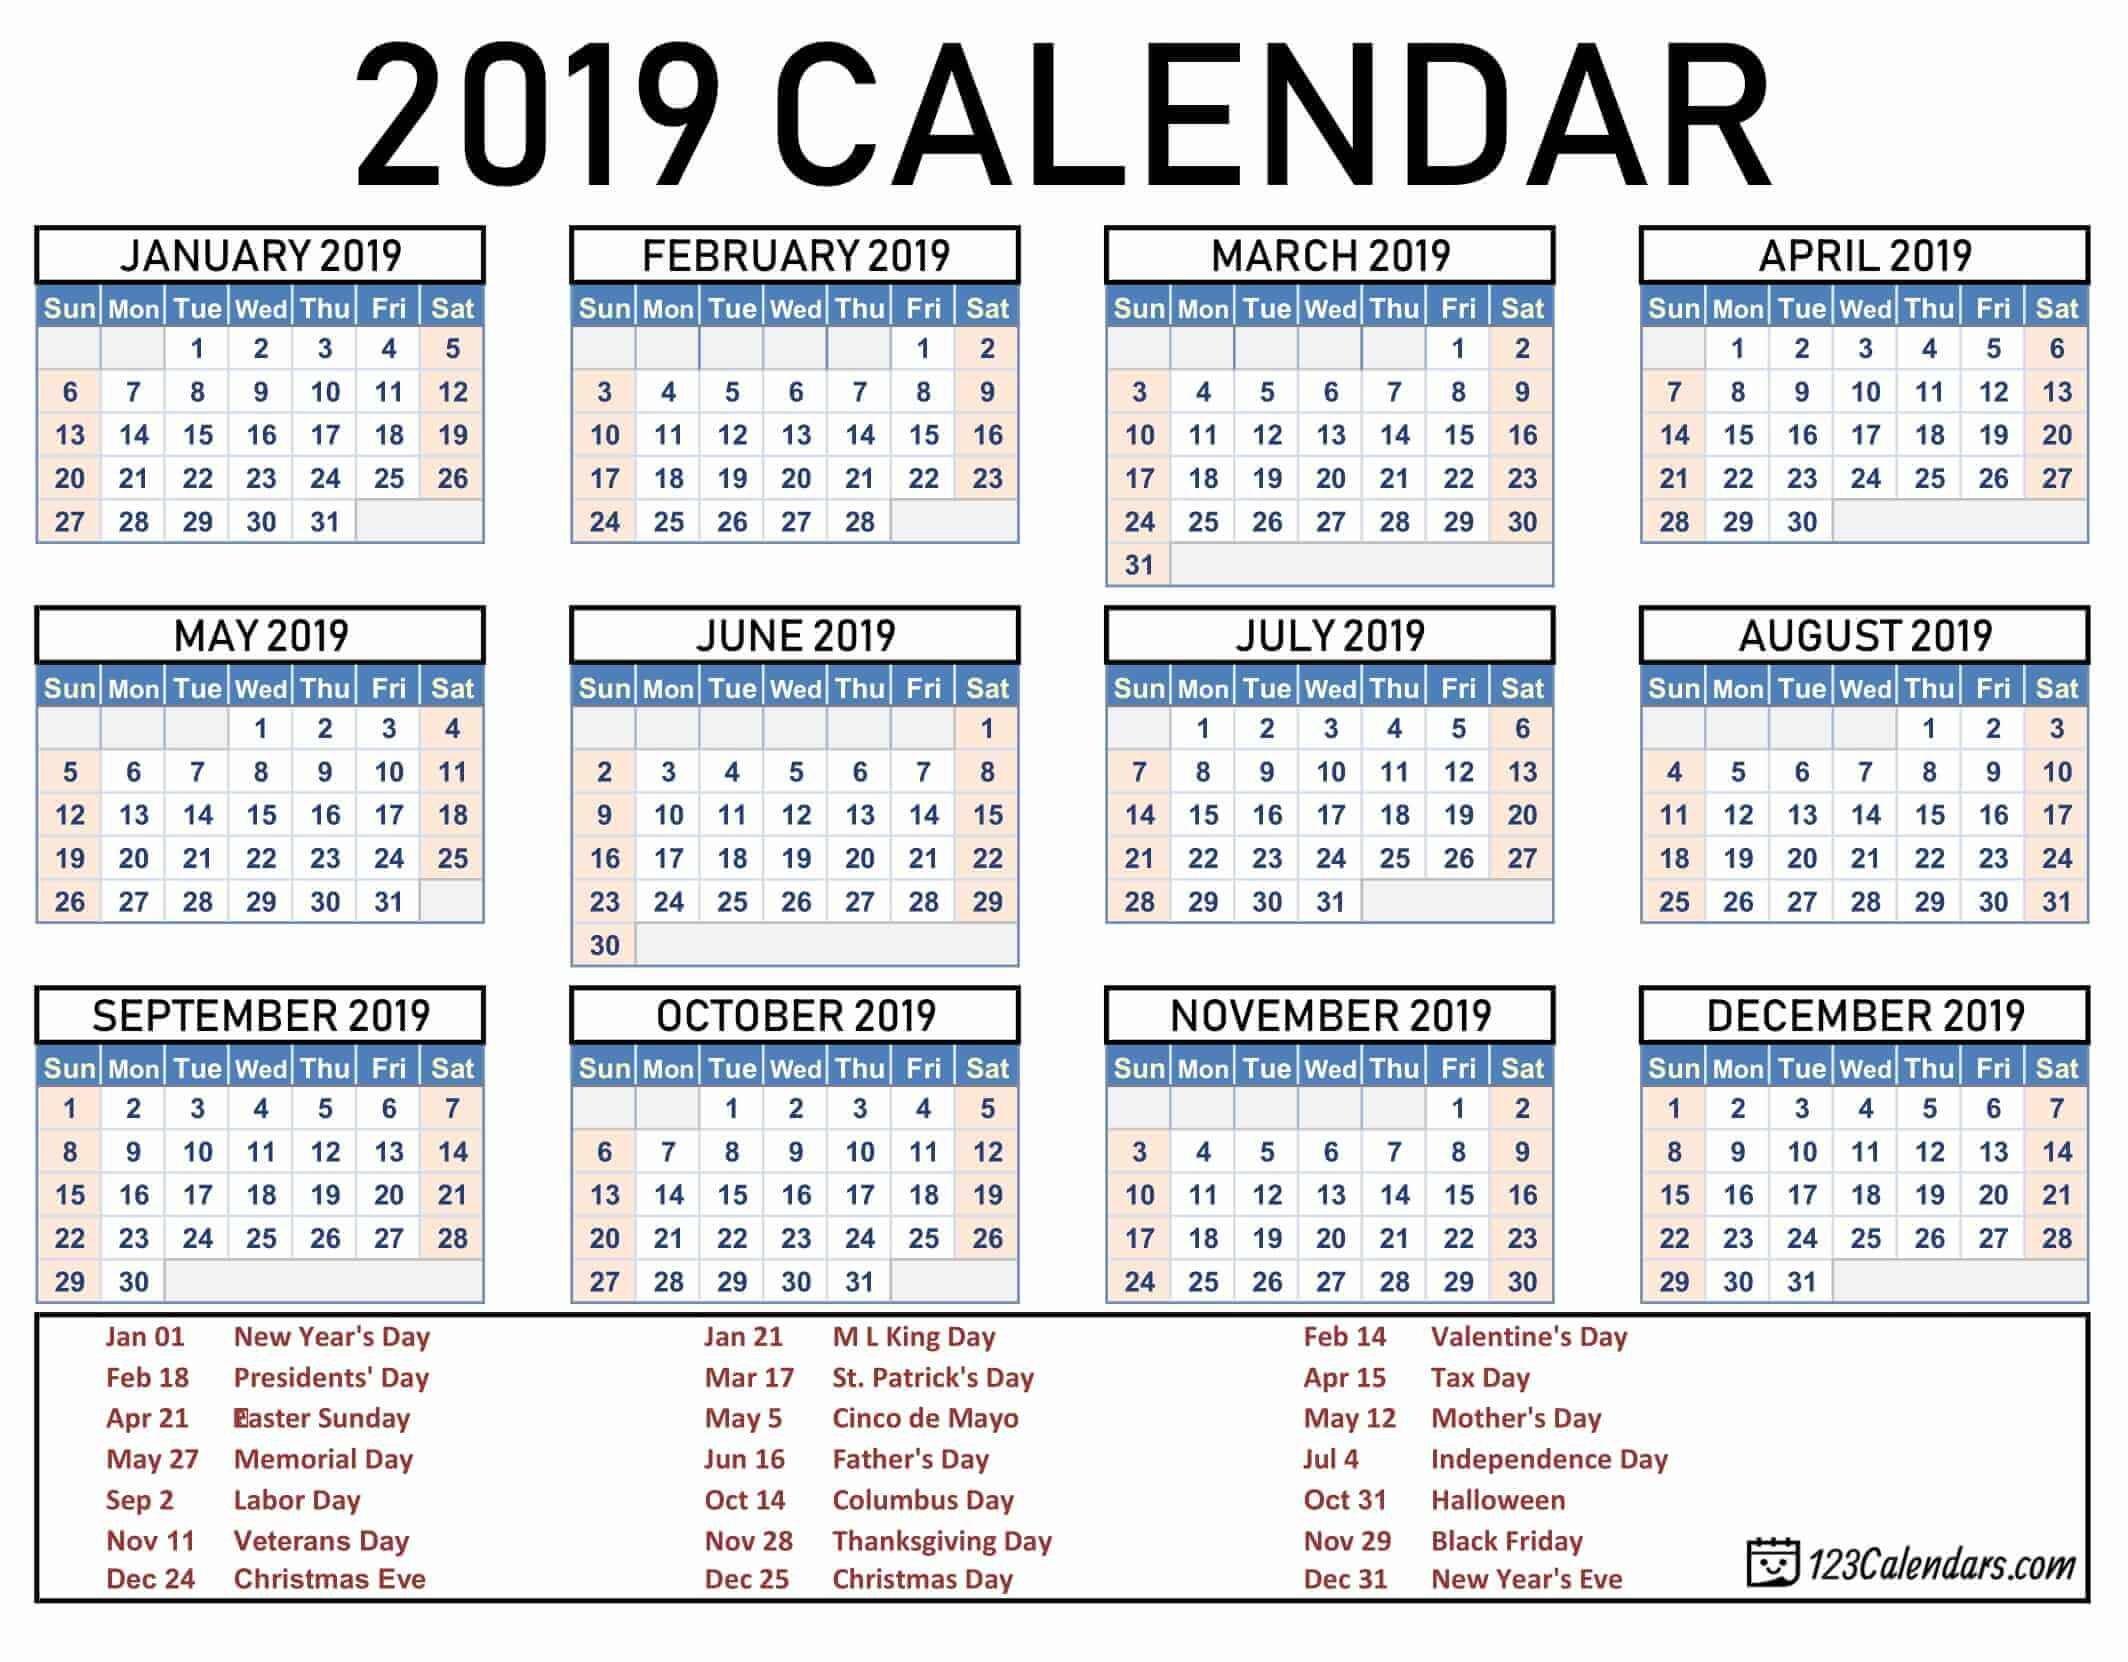 Free Printable Calendar | 123Calendars Cal U Calendar 2019